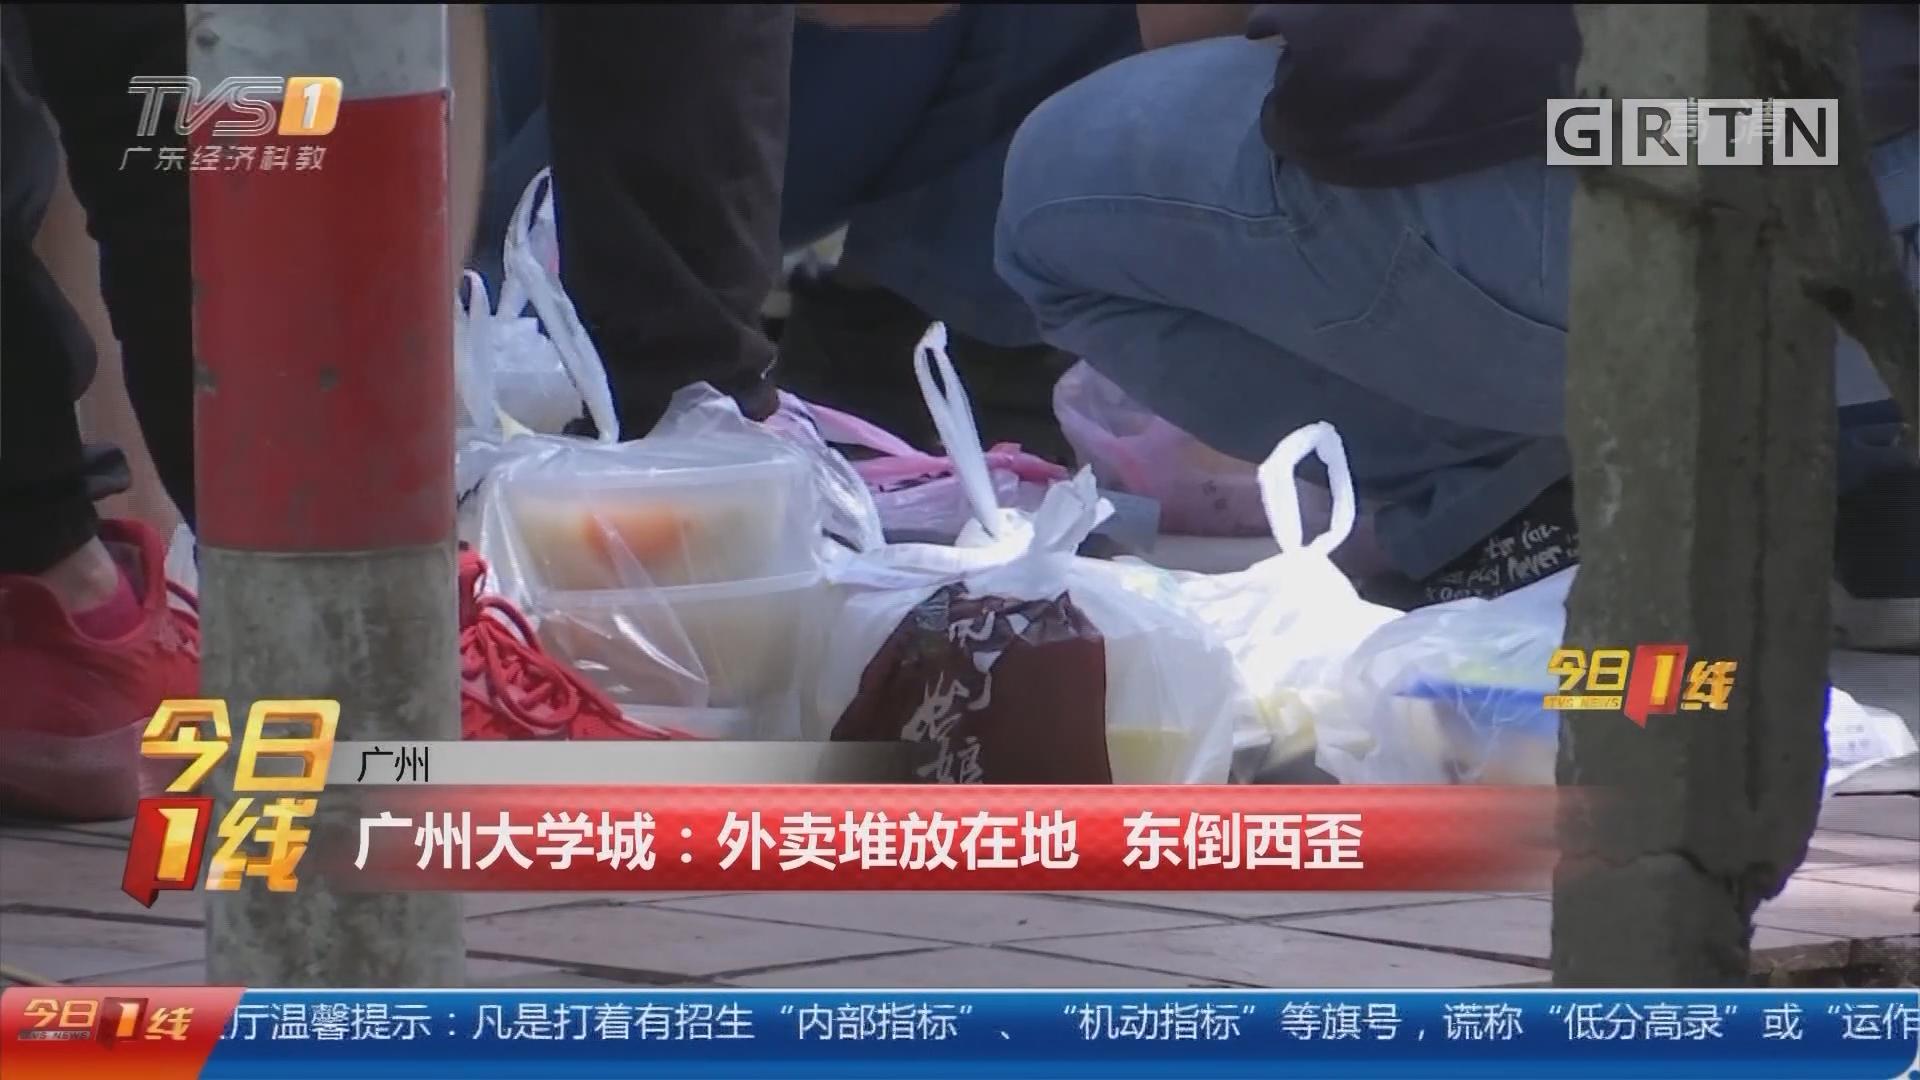 广州 广州大学城:外卖堆放在地 东倒西歪